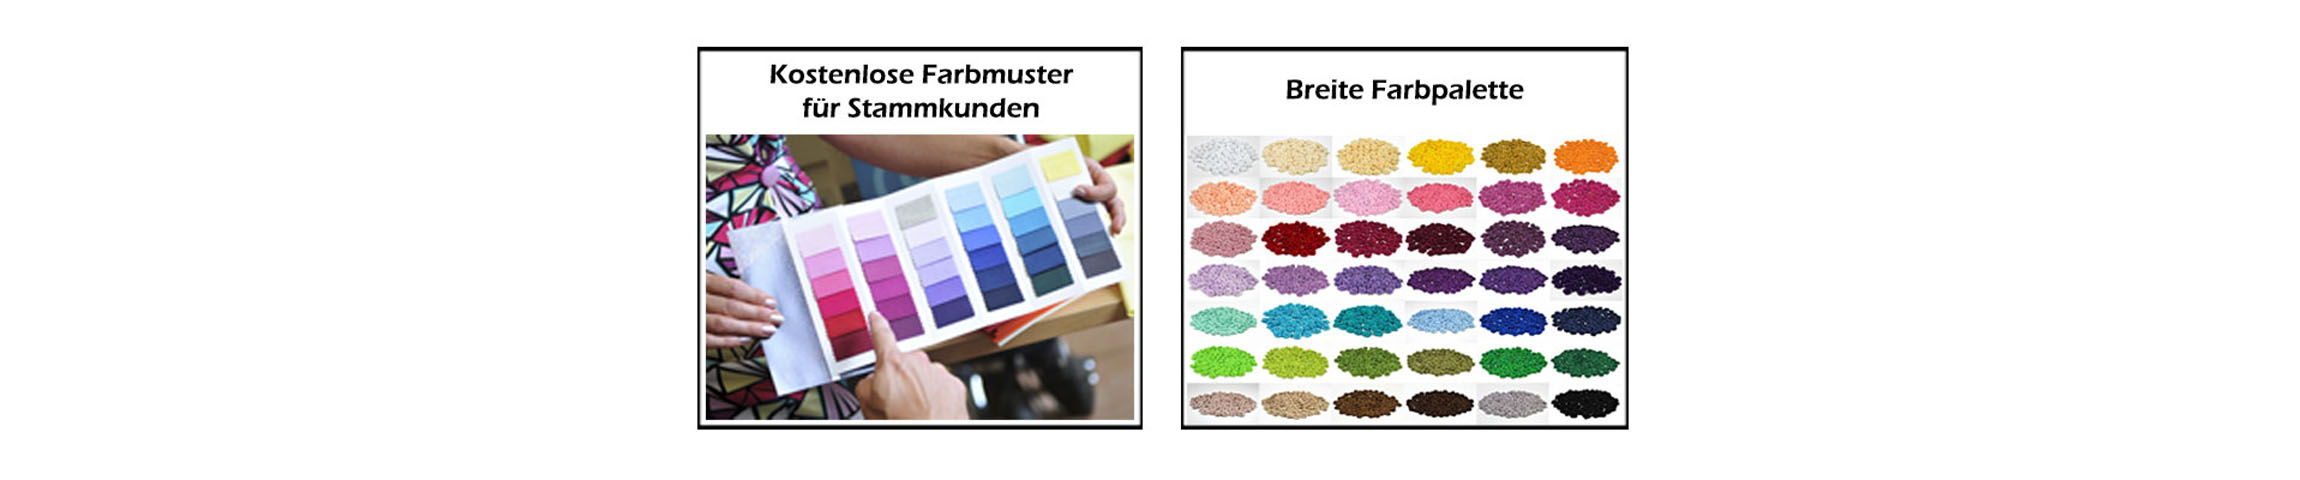 Slider Breite Farbpalette